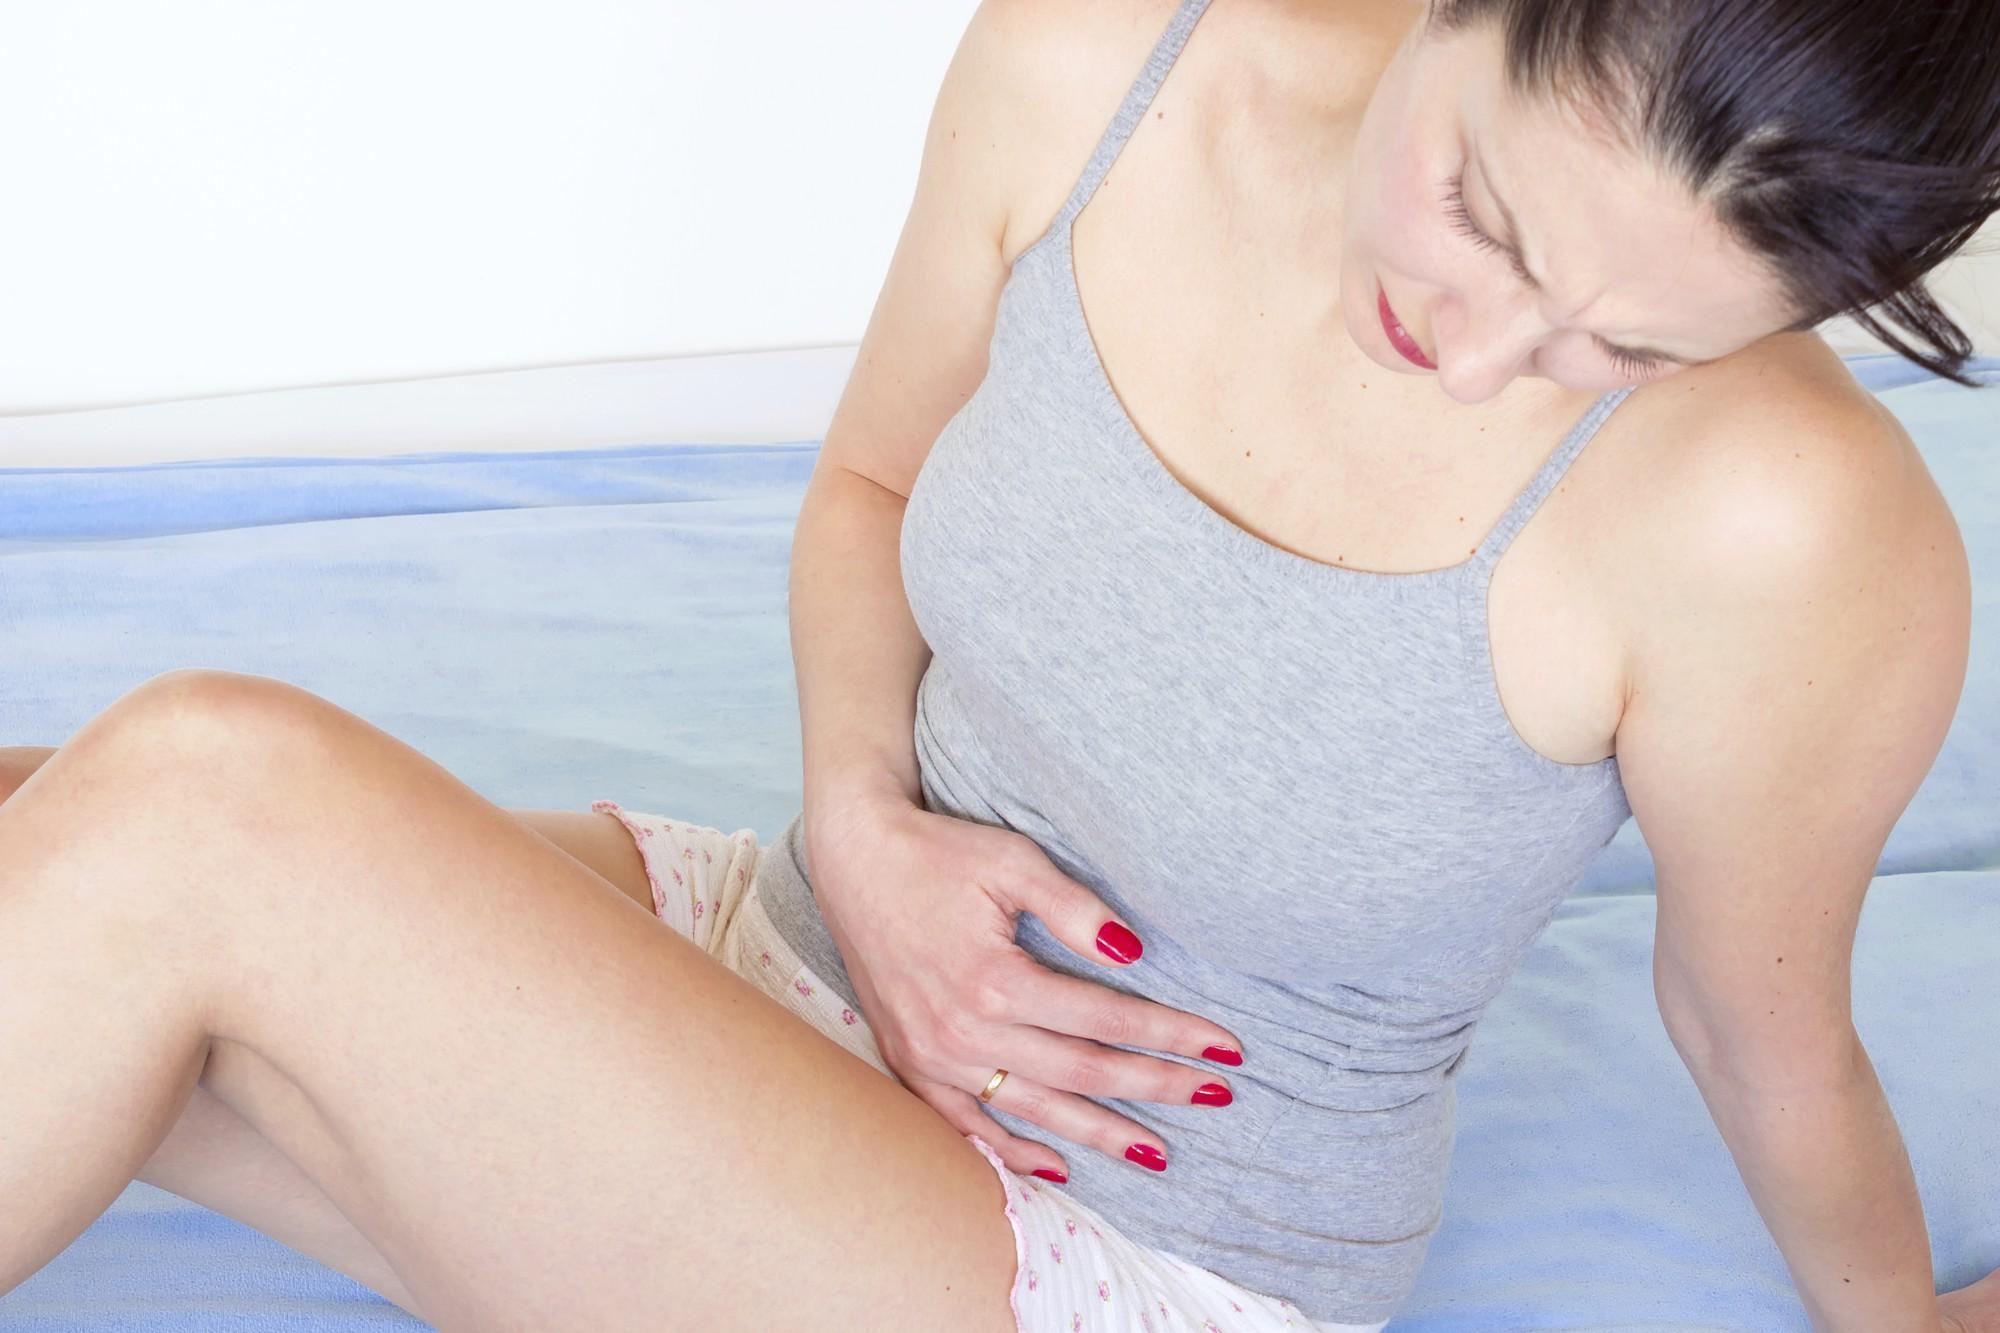 Bật mí cách phòng tránh u xơ tử cung hiệu quả nhất